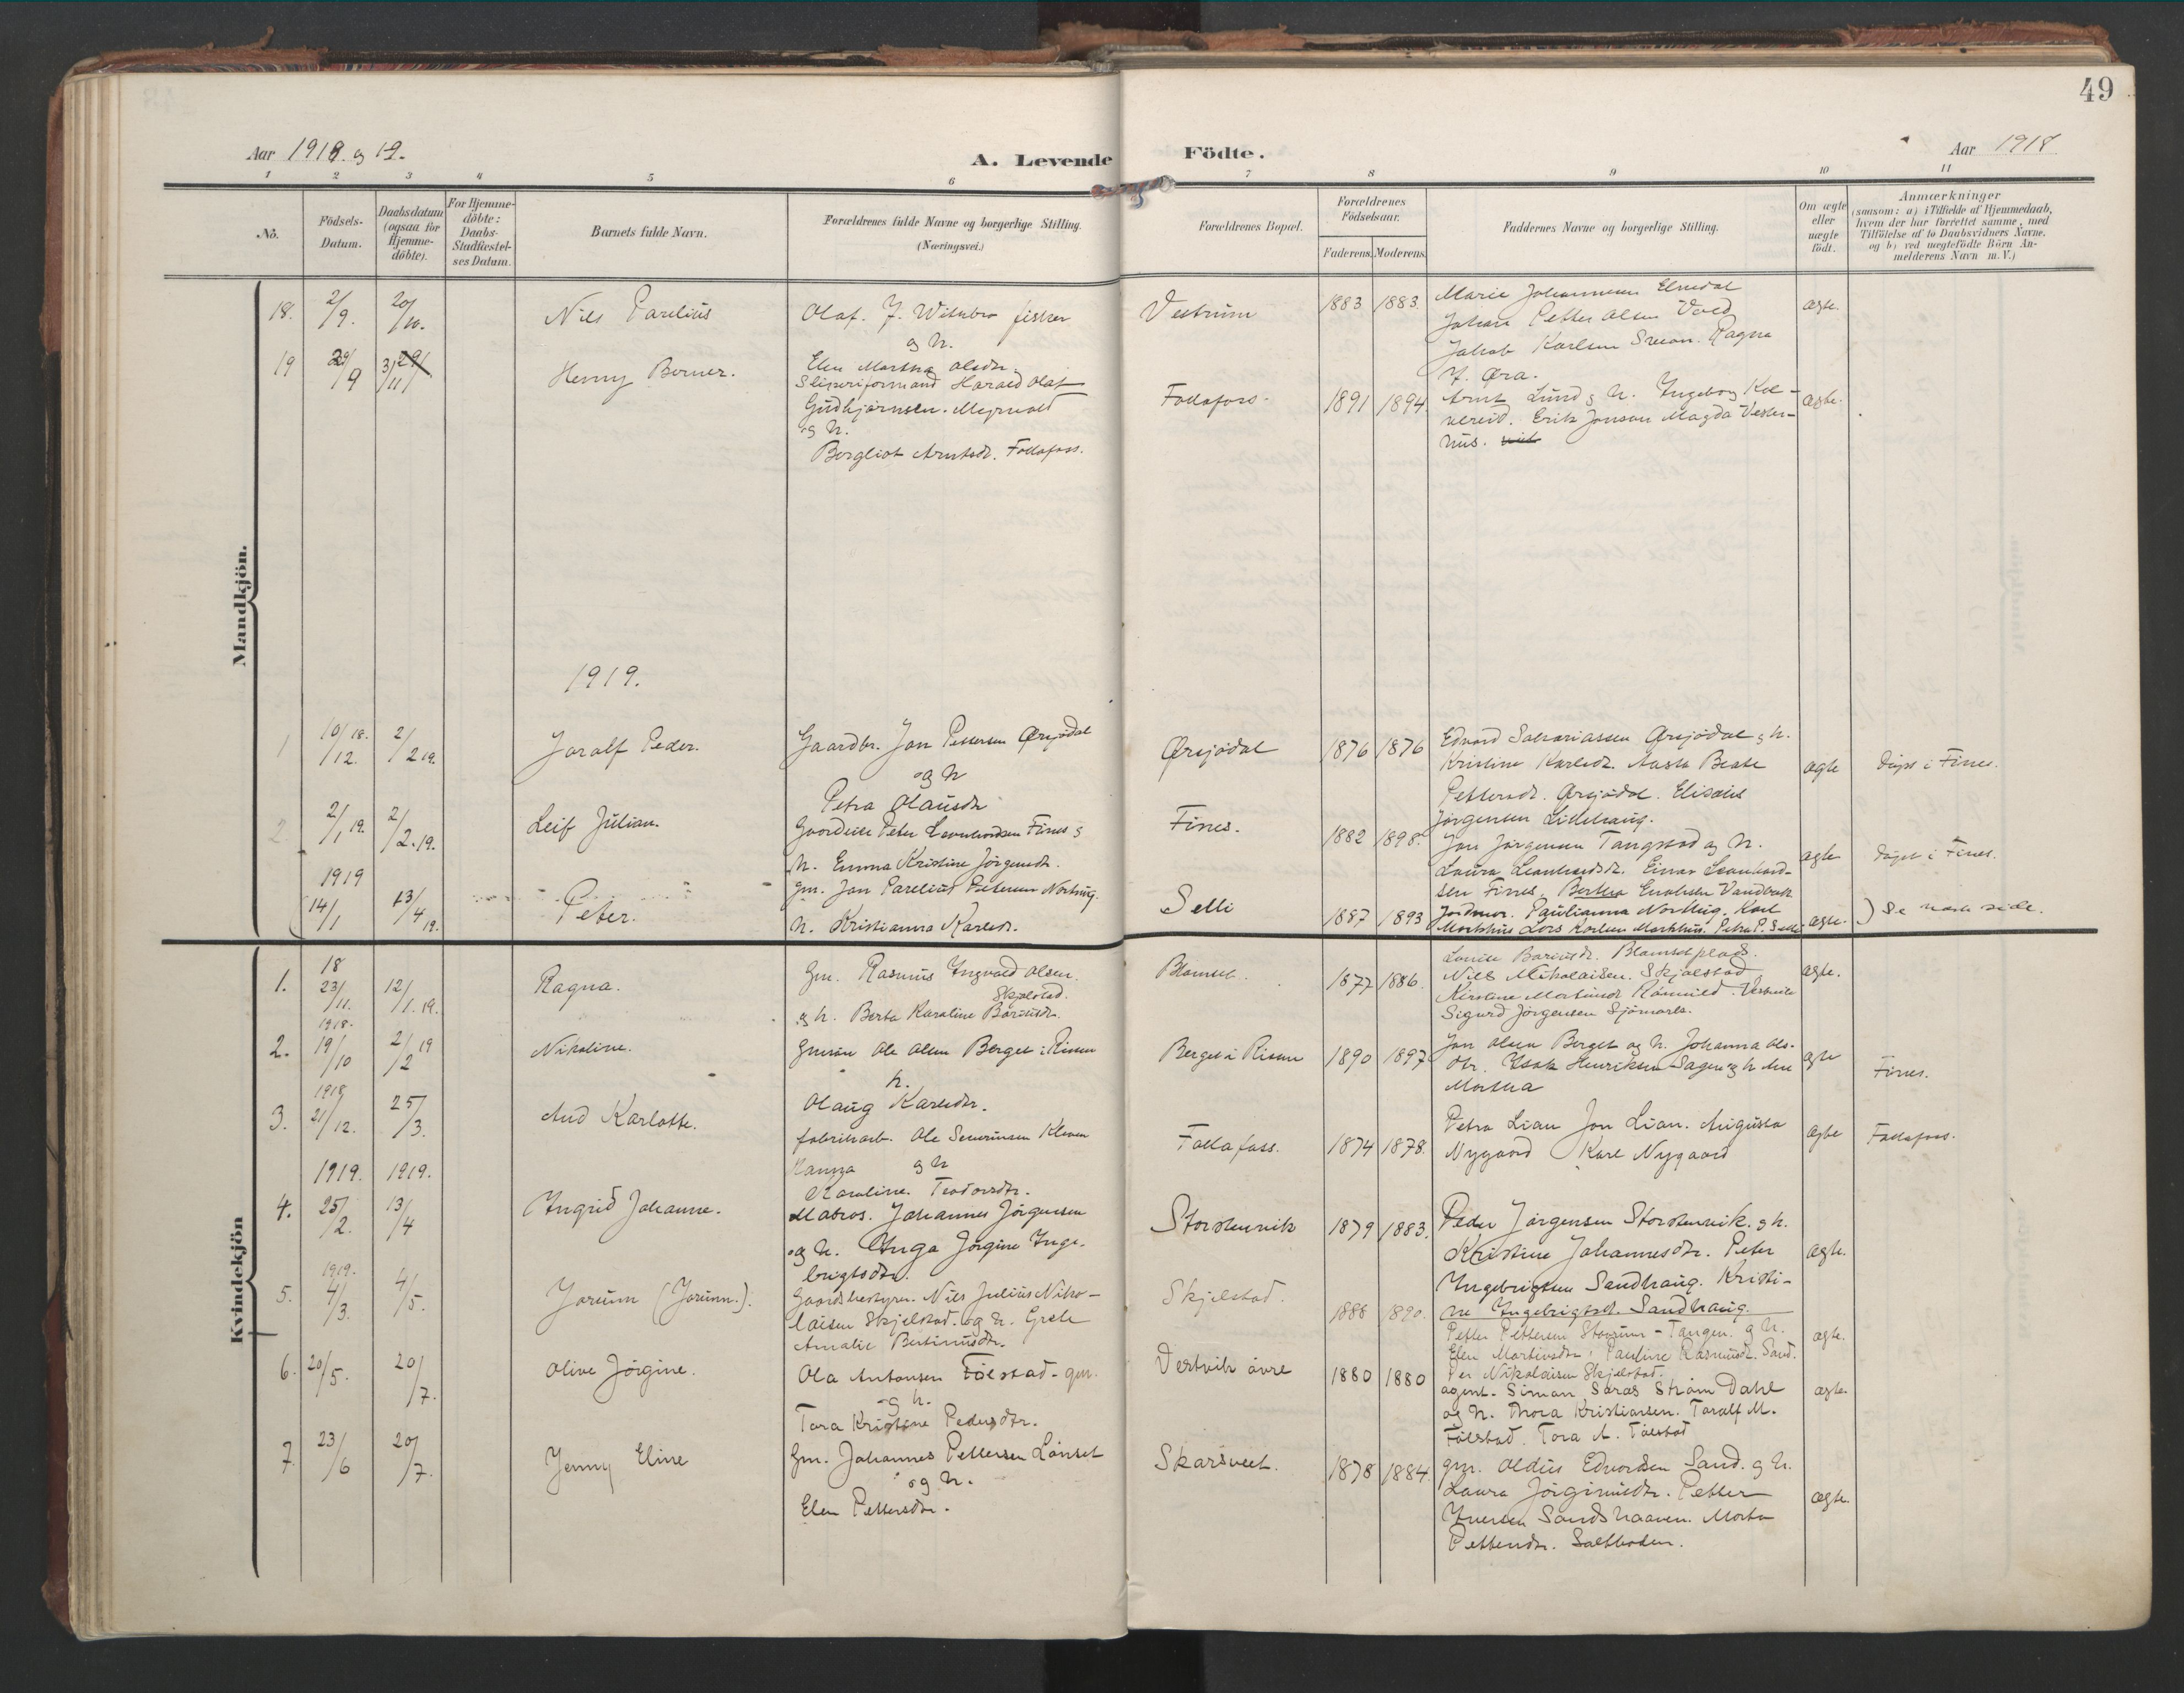 SAT, Ministerialprotokoller, klokkerbøker og fødselsregistre - Nord-Trøndelag, 744/L0421: Ministerialbok nr. 744A05, 1905-1930, s. 49